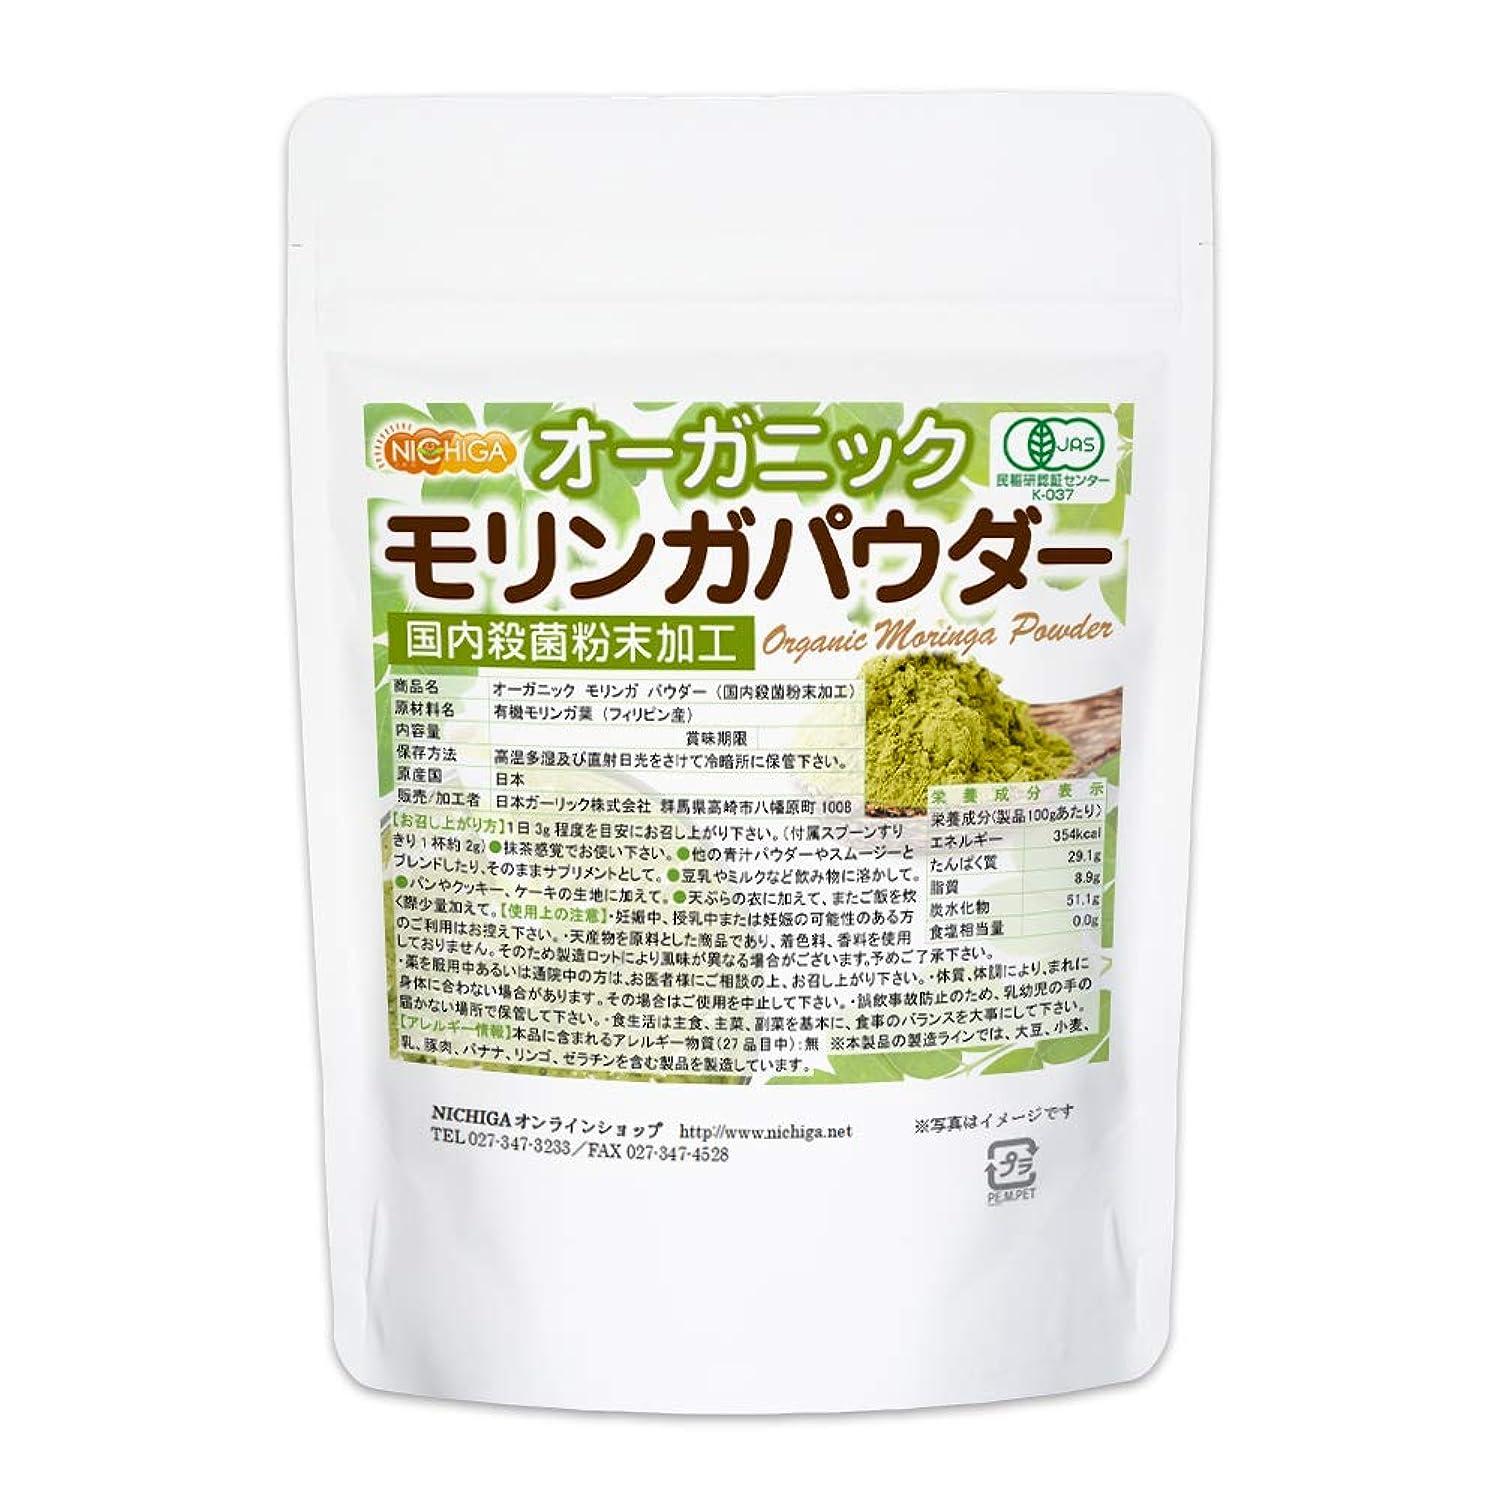 近代化笑名門オーガニック モリンガ パウダー 100g 国内殺菌粉末加工 [01] NICHIGA(ニチガ)